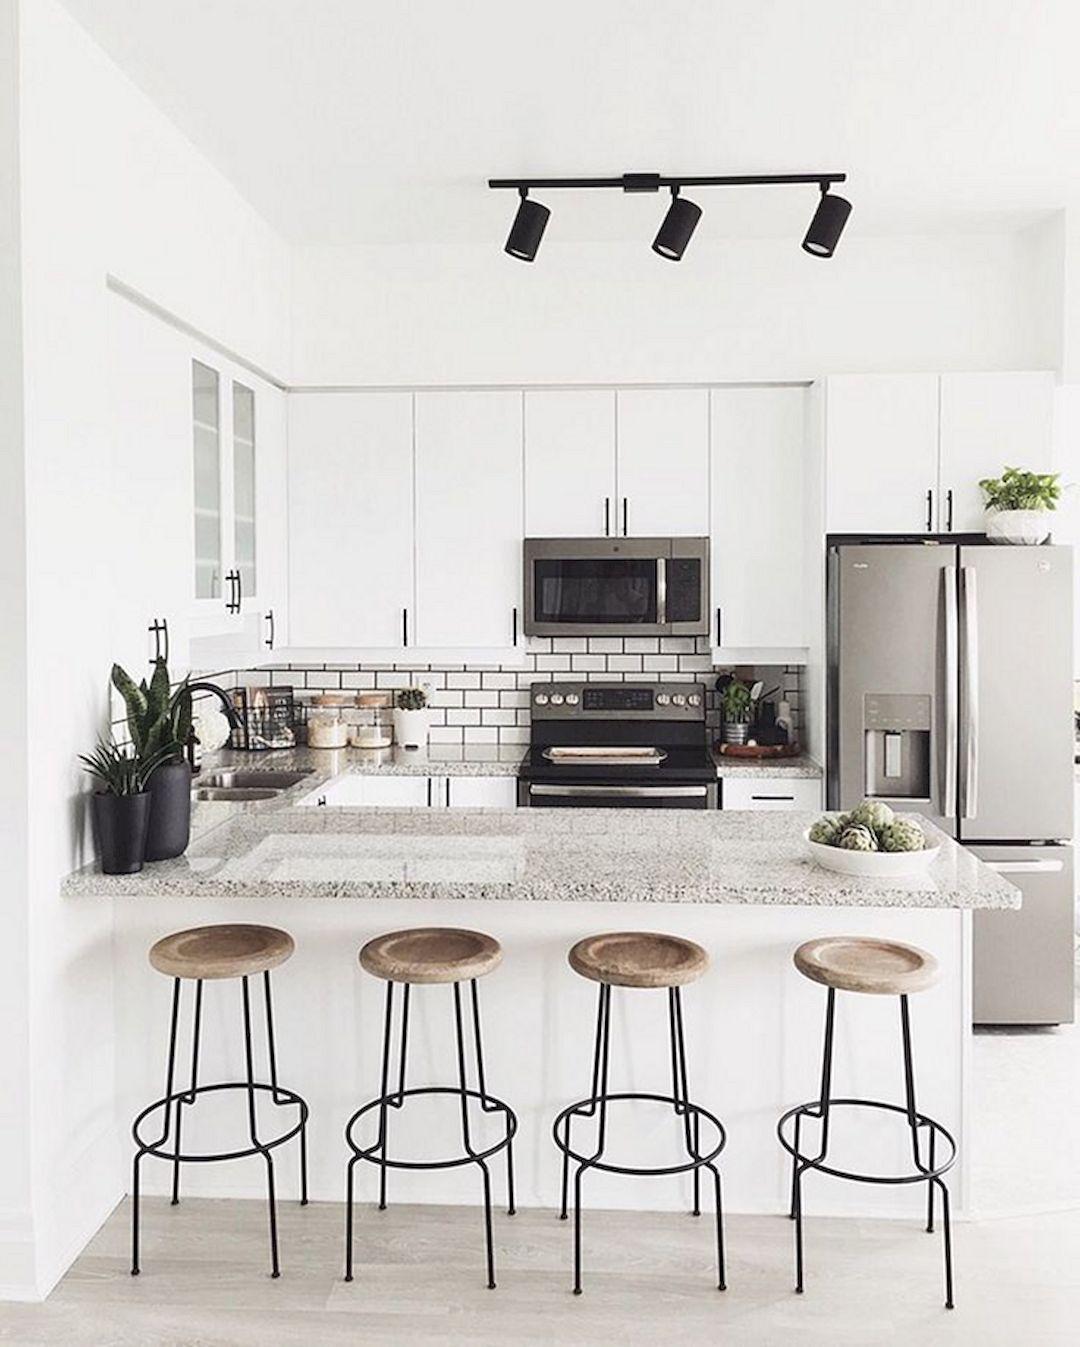 Best Kitchen Remodeling Ideas: 110 Modern Design Photos  Https://www.futuristarchitecture.com/17629 Kitchen Remodeling Ideas.html